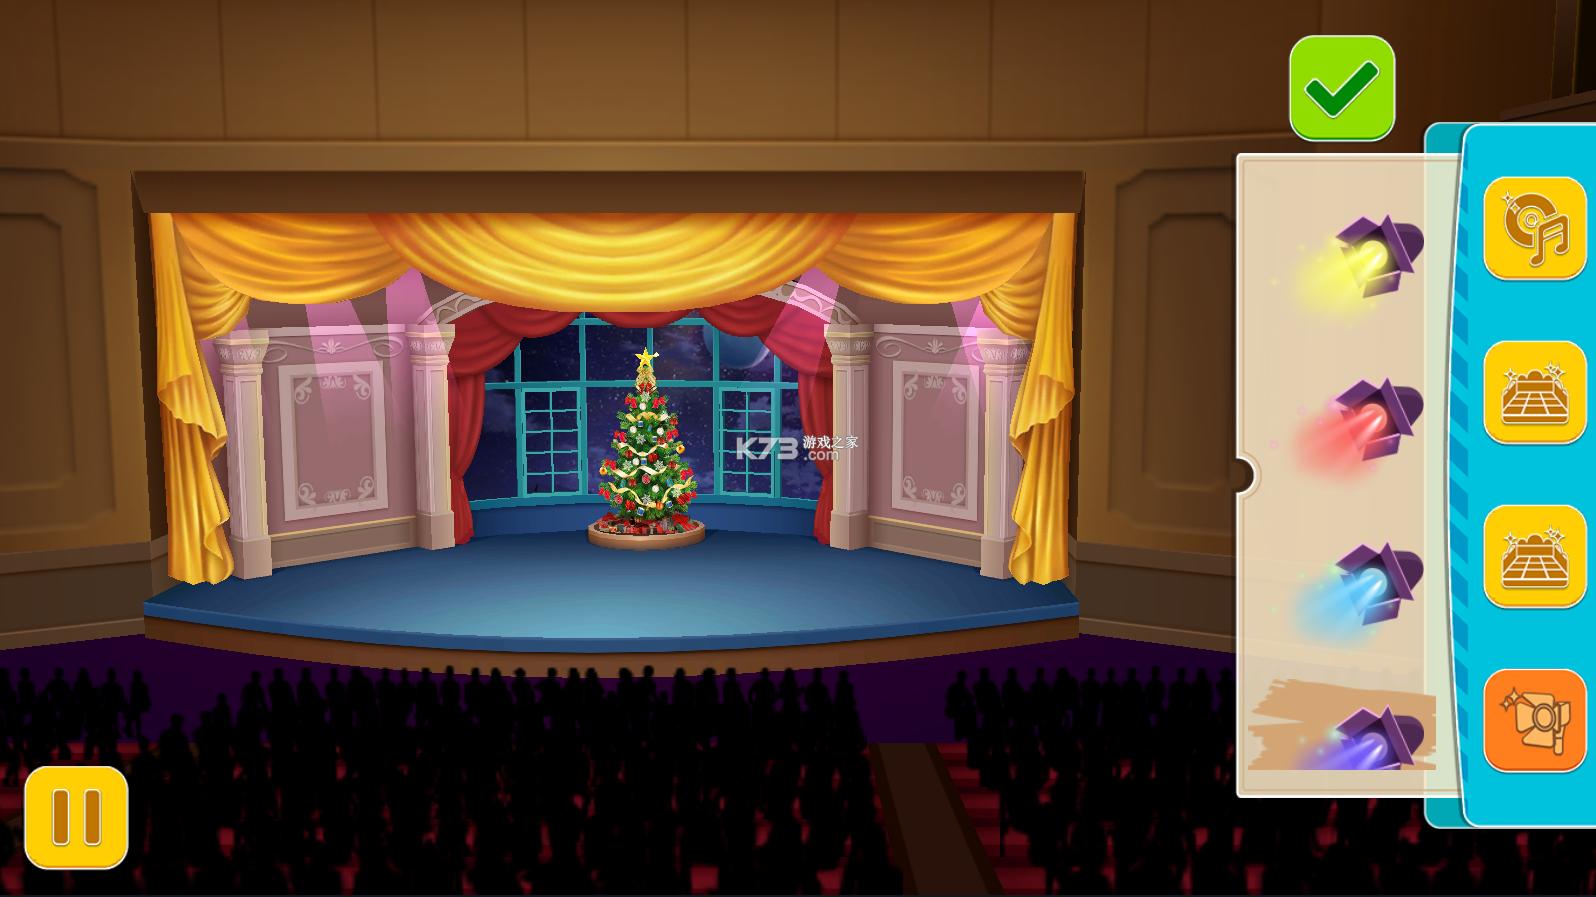 舞蹈校園故事 v1.1.19 完整版破解版 截圖